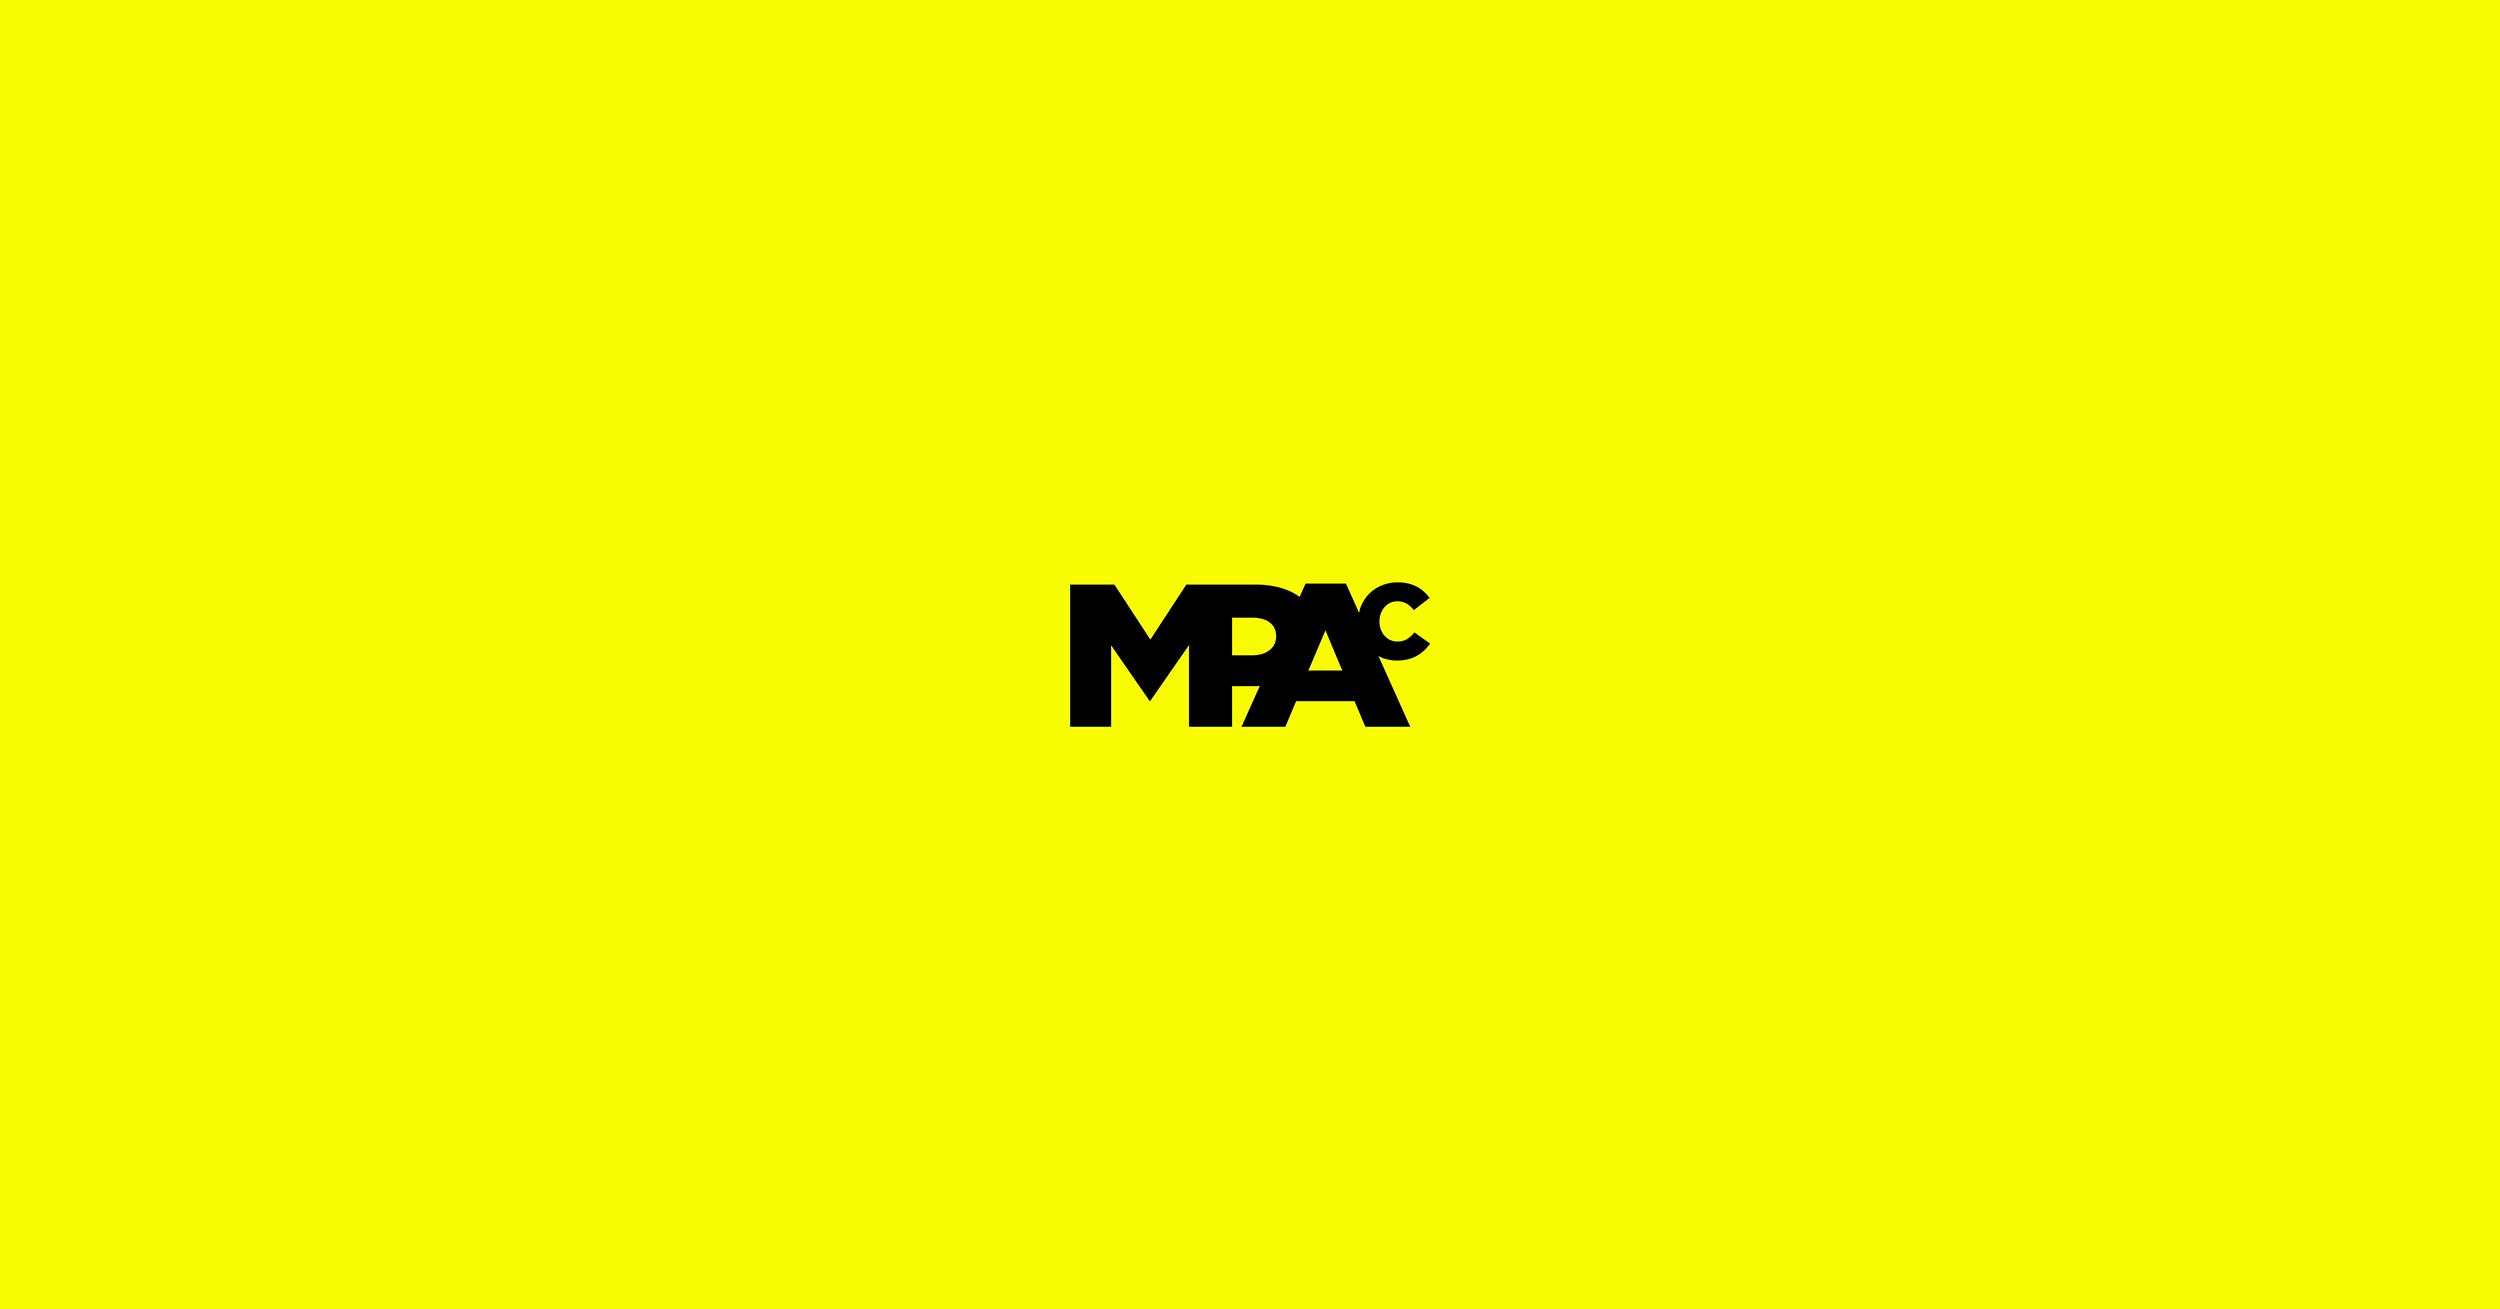 MPA Creative - Im Oktober 2018 gründeten wir als Subagentur die Kreativabteilung MPAc, mit welcher wir Lösungen in den Bereichen: Video, Photo, Design & Web/App anbieten. Besuchen Sie: www.m-p-a-c.com.